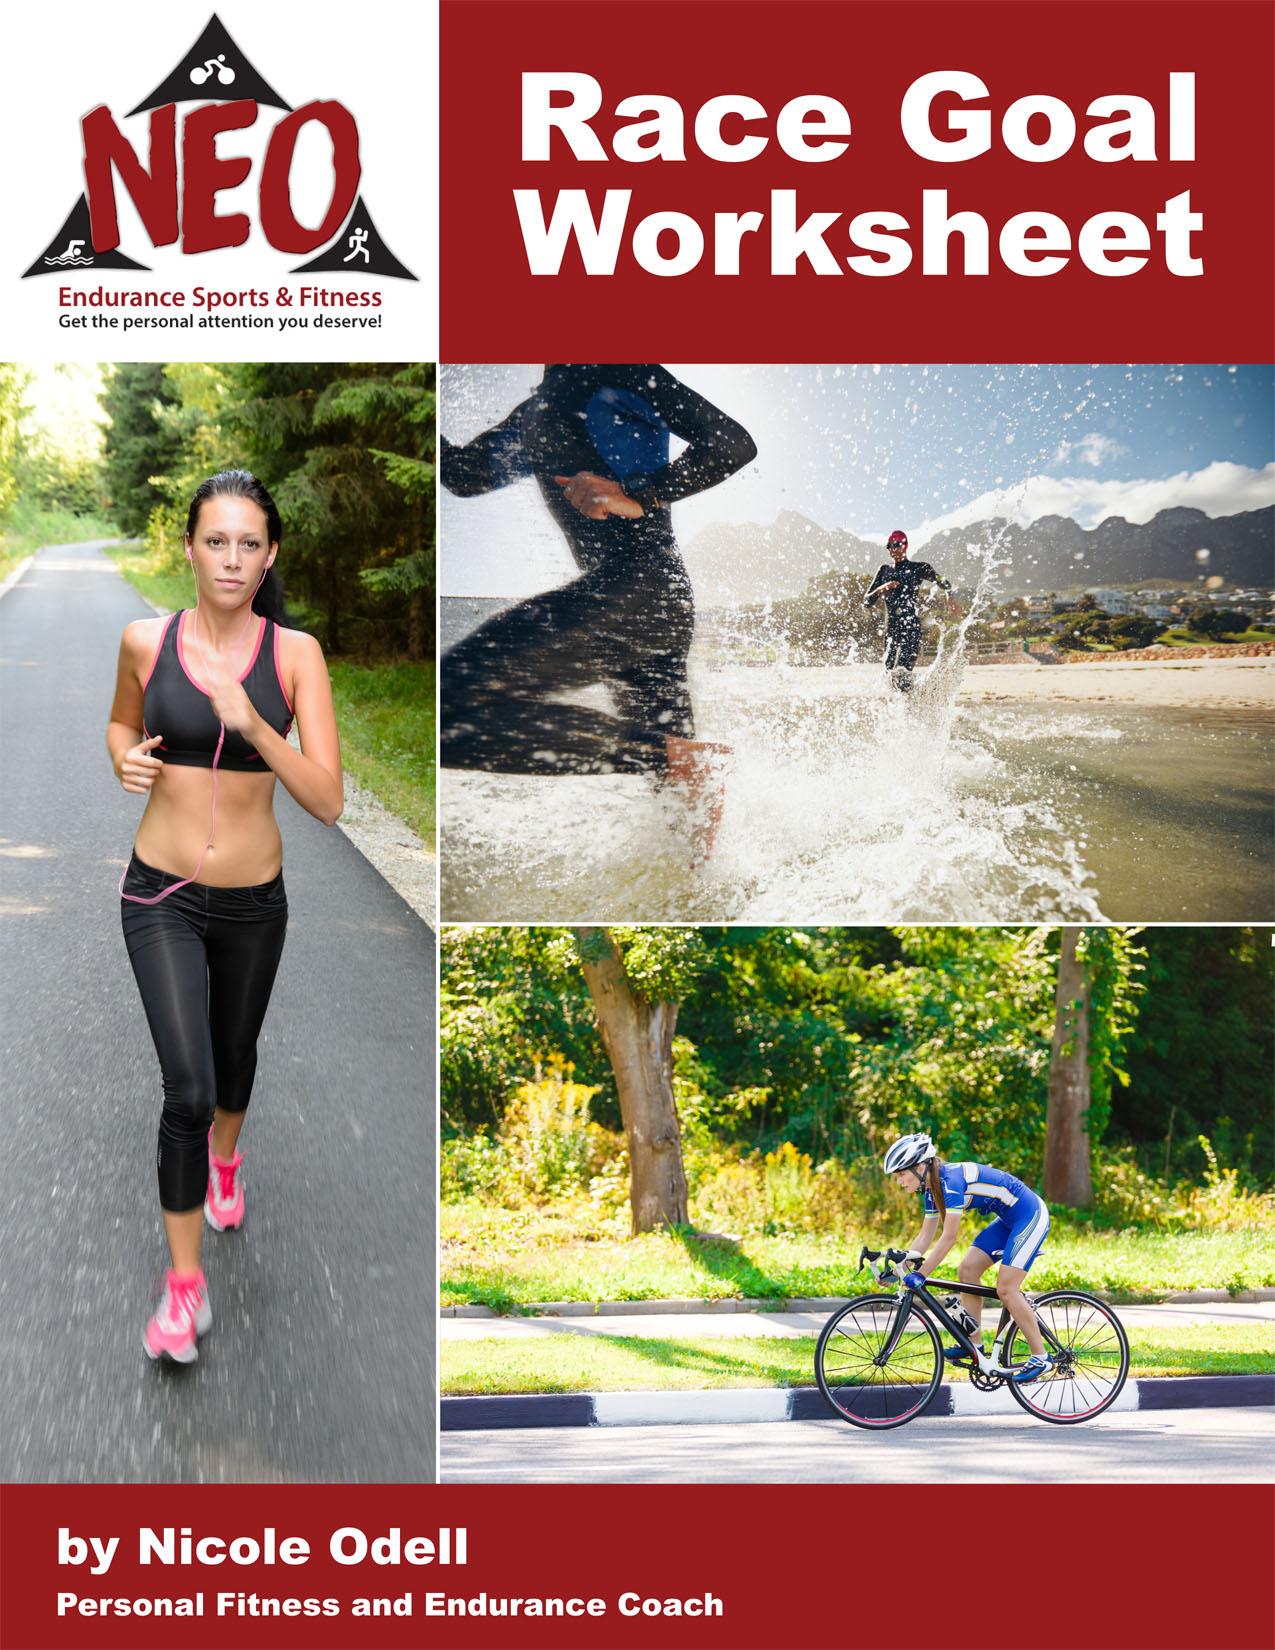 Race Goal Worksheet Cover